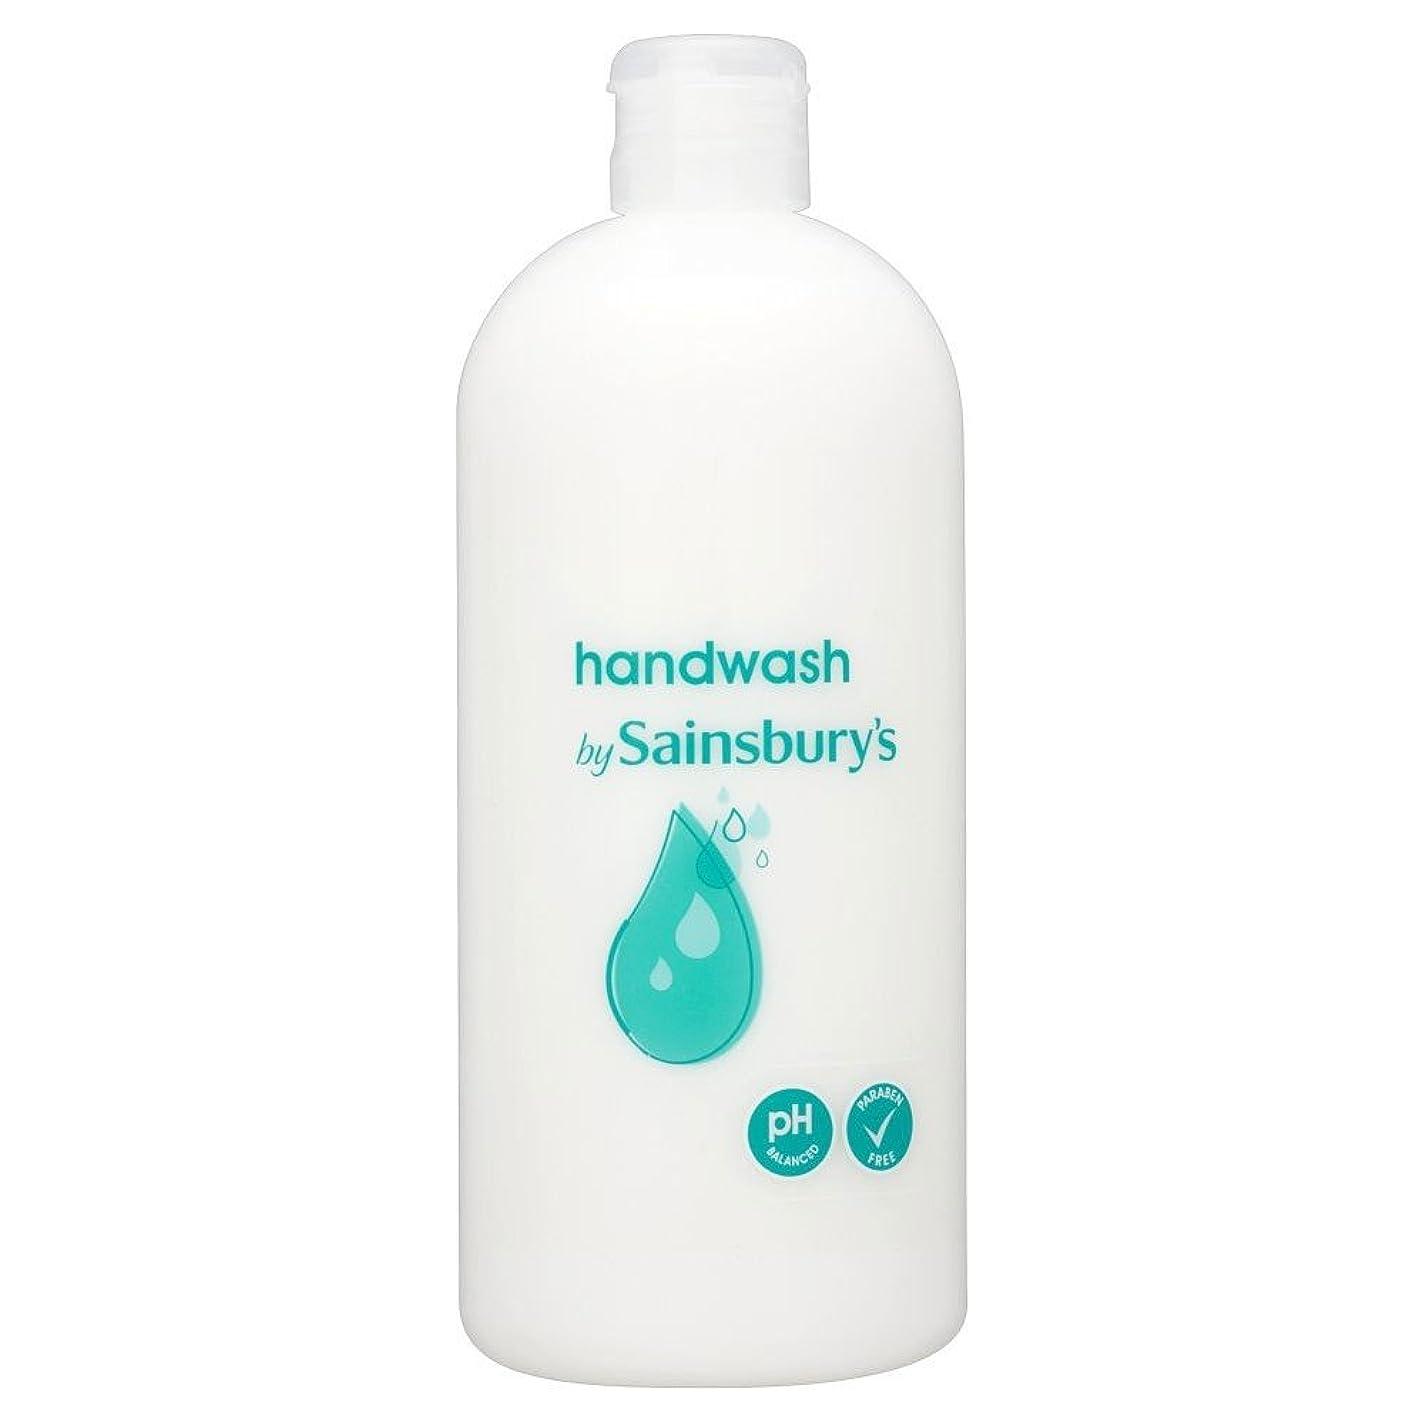 宿ユーザー討論Sainsbury's Handwash, White Refill 500ml (Pack of 6) - (Sainsbury's) 手洗い、白リフィル500ミリリットル (x6) [並行輸入品]